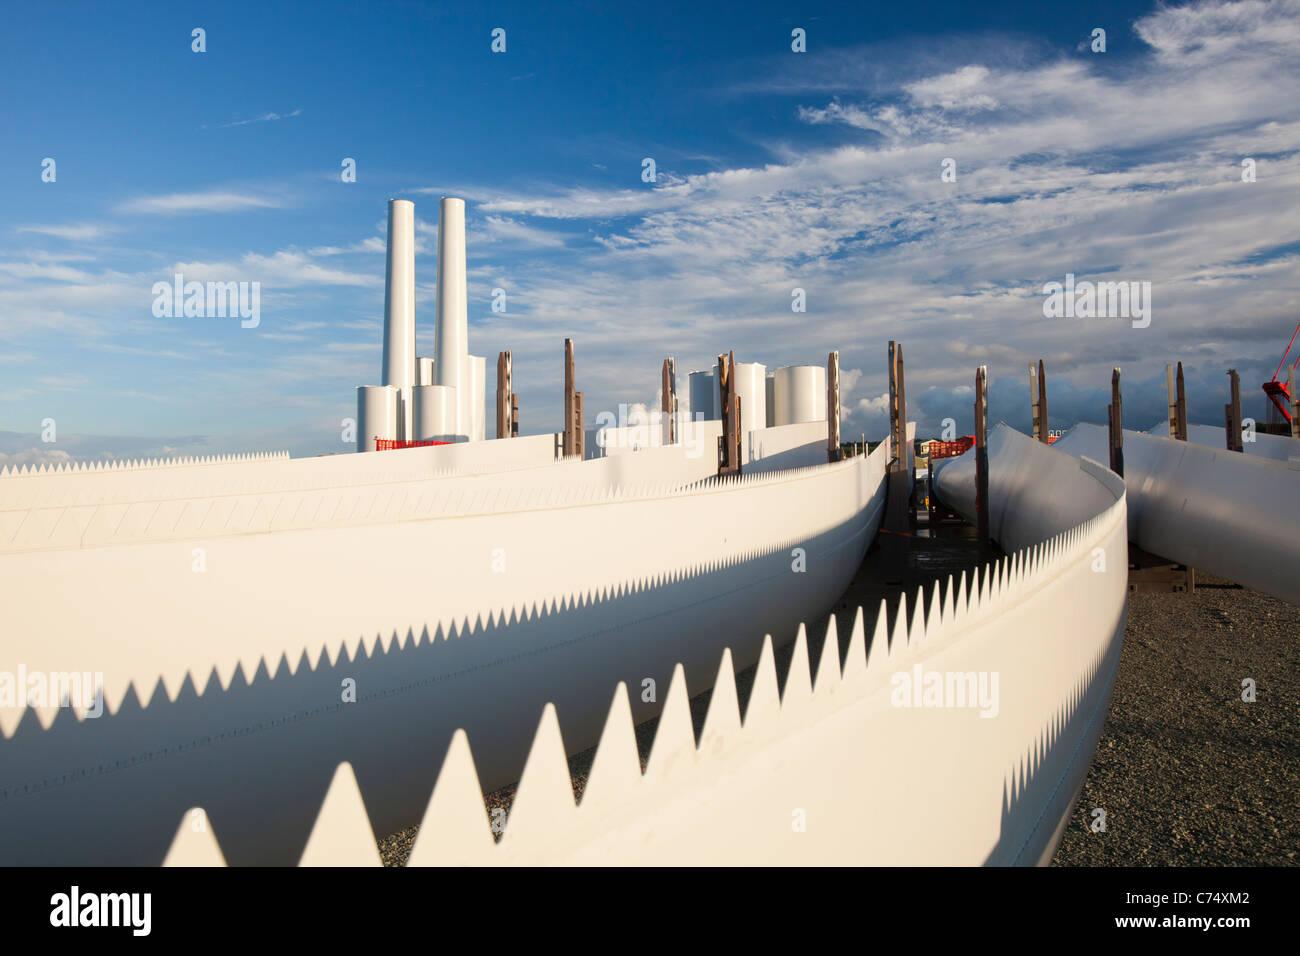 Les aubes de turbine de vent avec dents de scie afin d'accroître l'efficacité sur les quais de Photo Stock